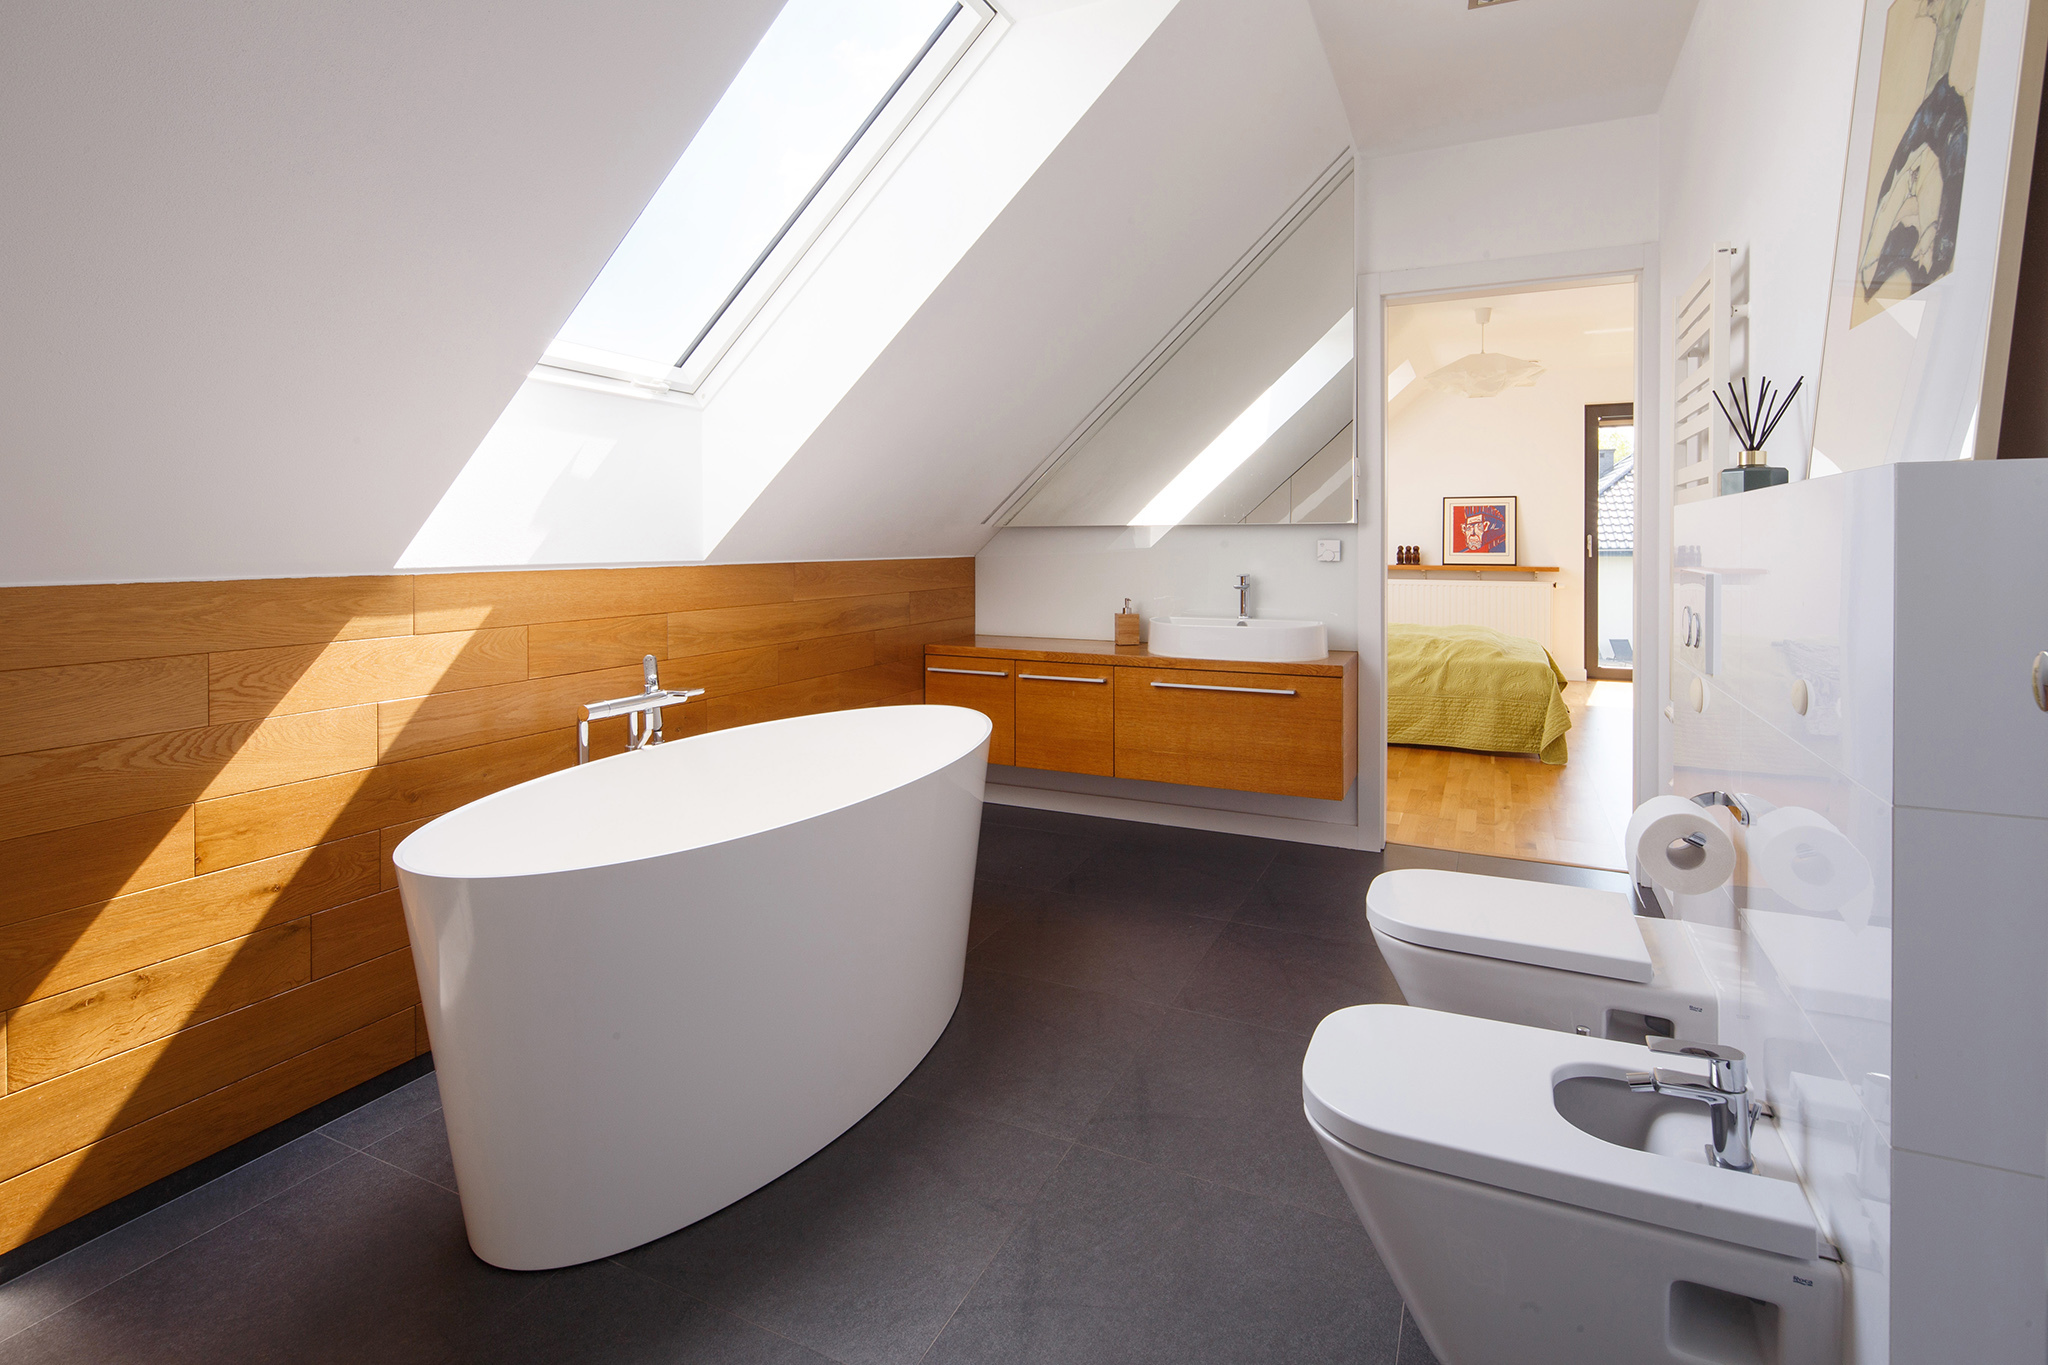 FAKRO roof window in bathroom